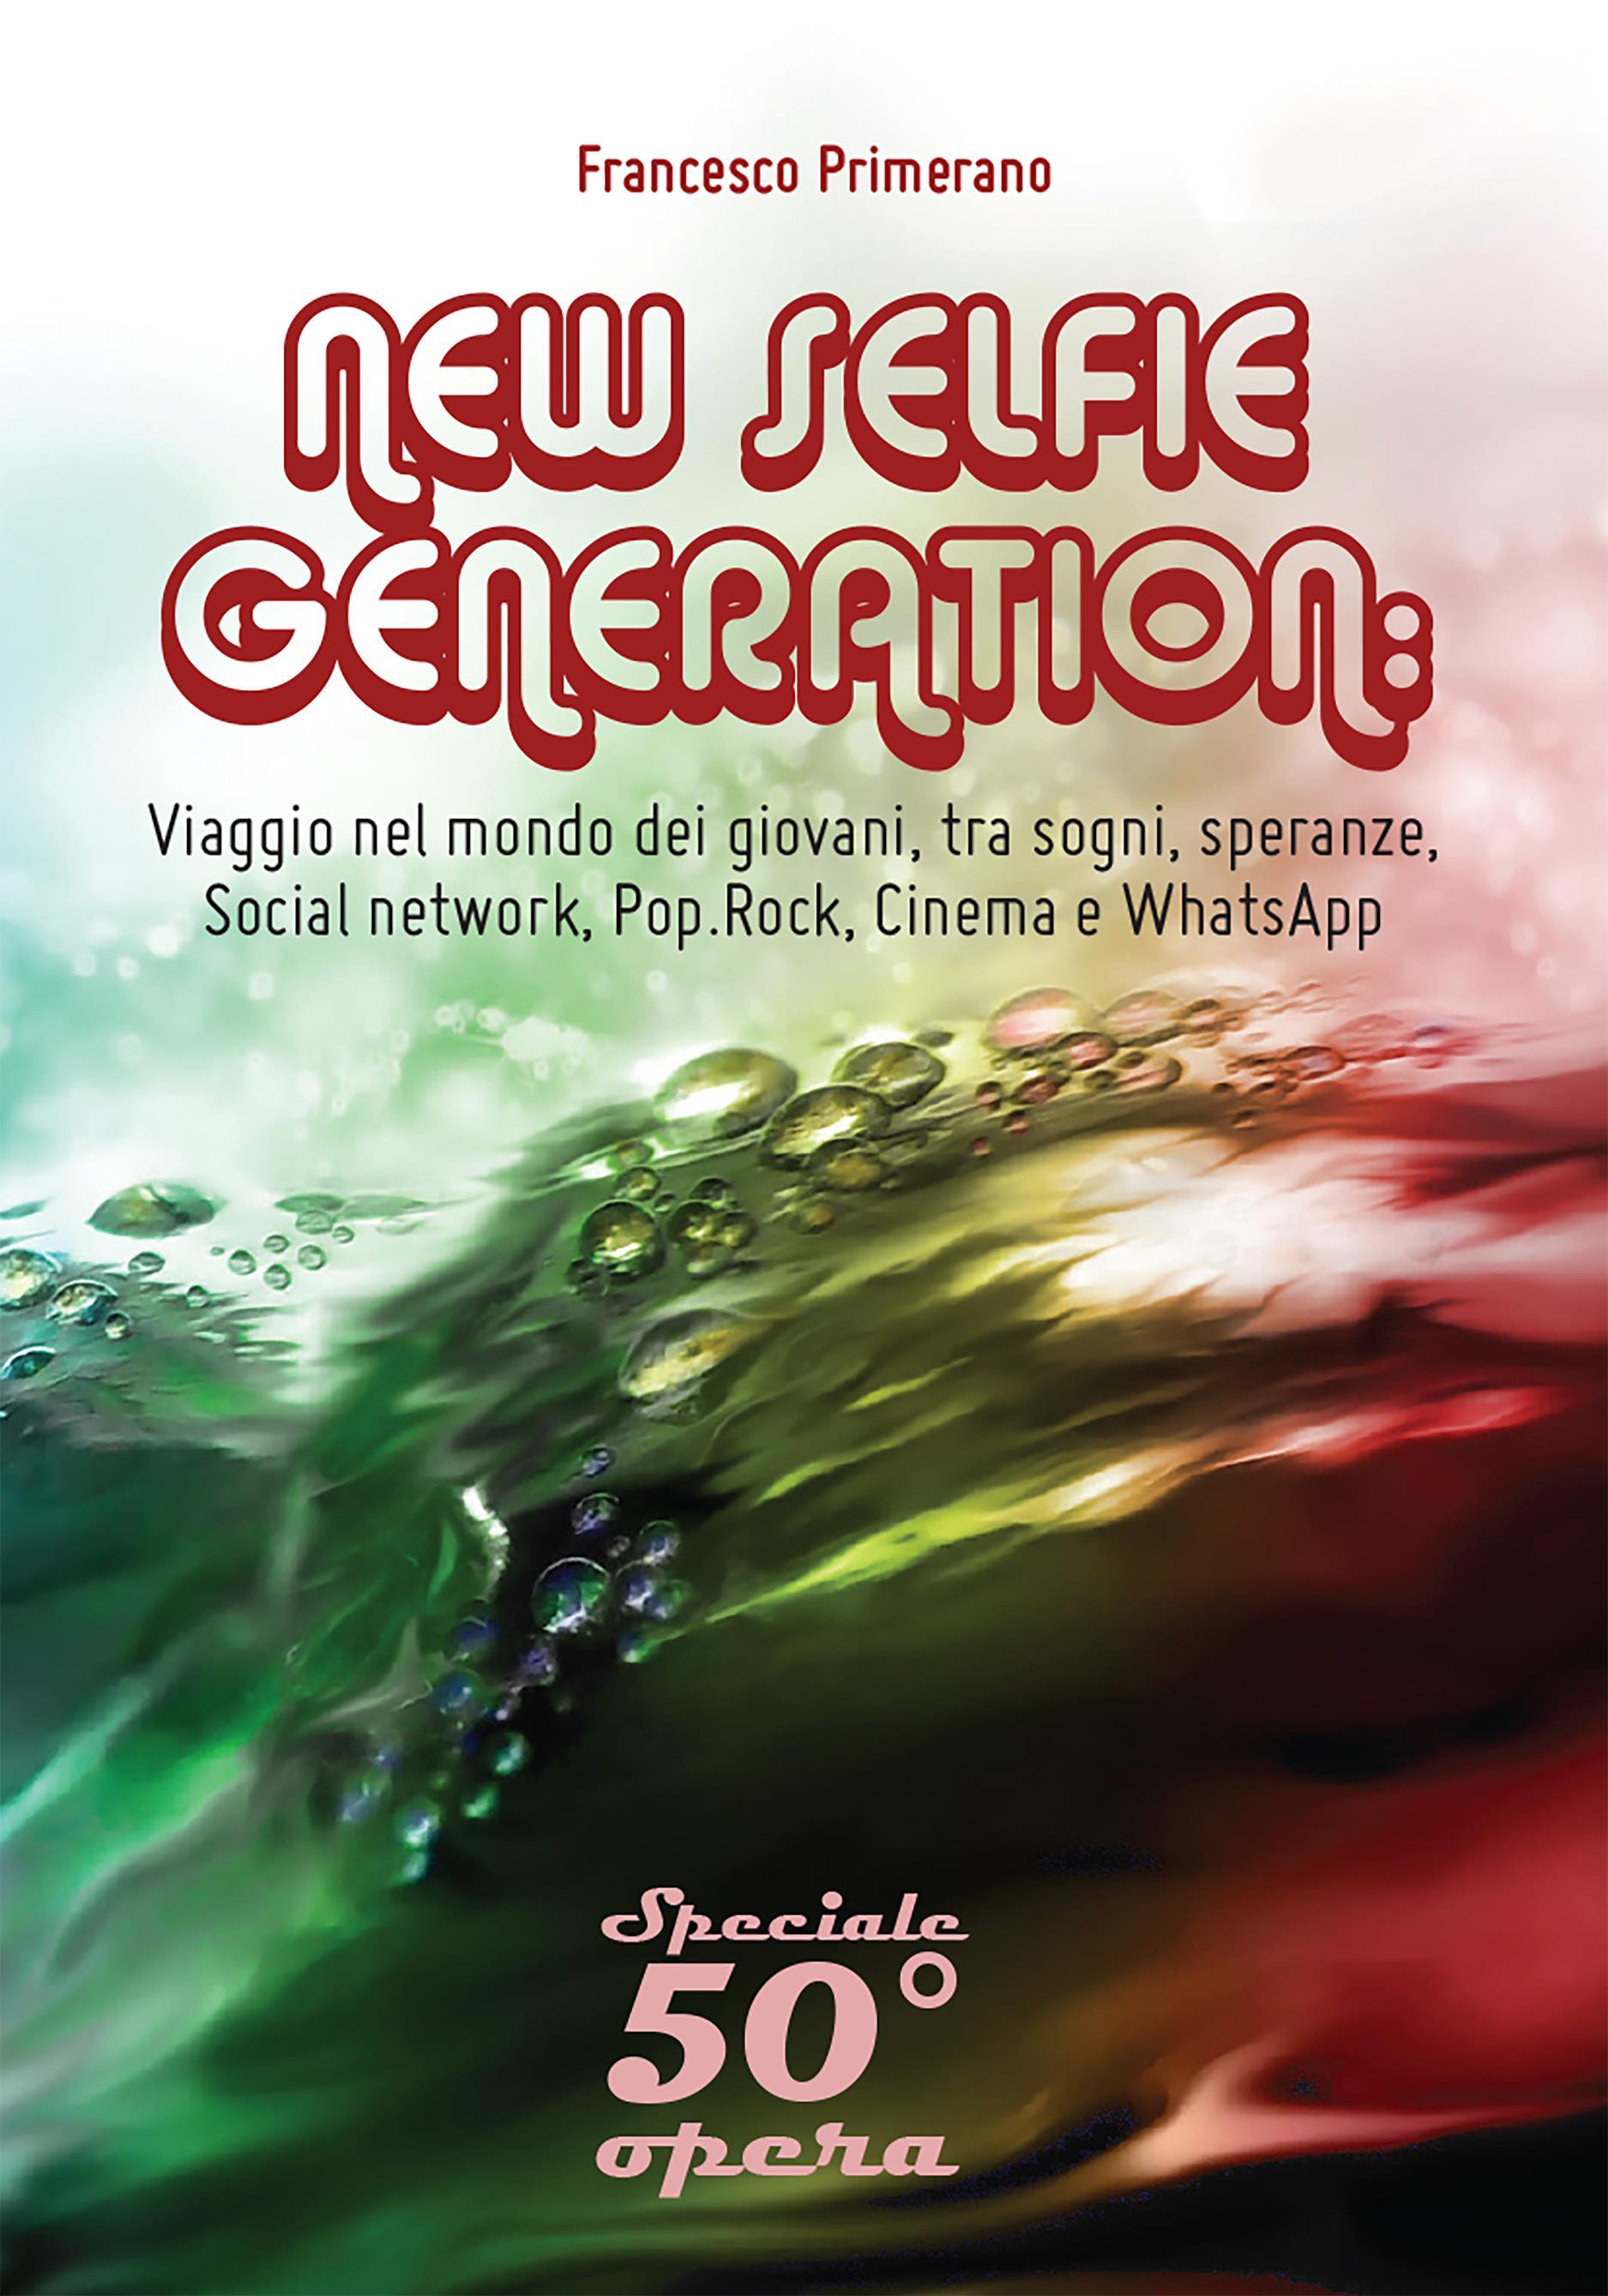 NEW SELFIE GENERATION: viaggio nel mondo dei giovani, tra sogni, speranze, Social network, Pop, Rock, Cinema e WhatsApp